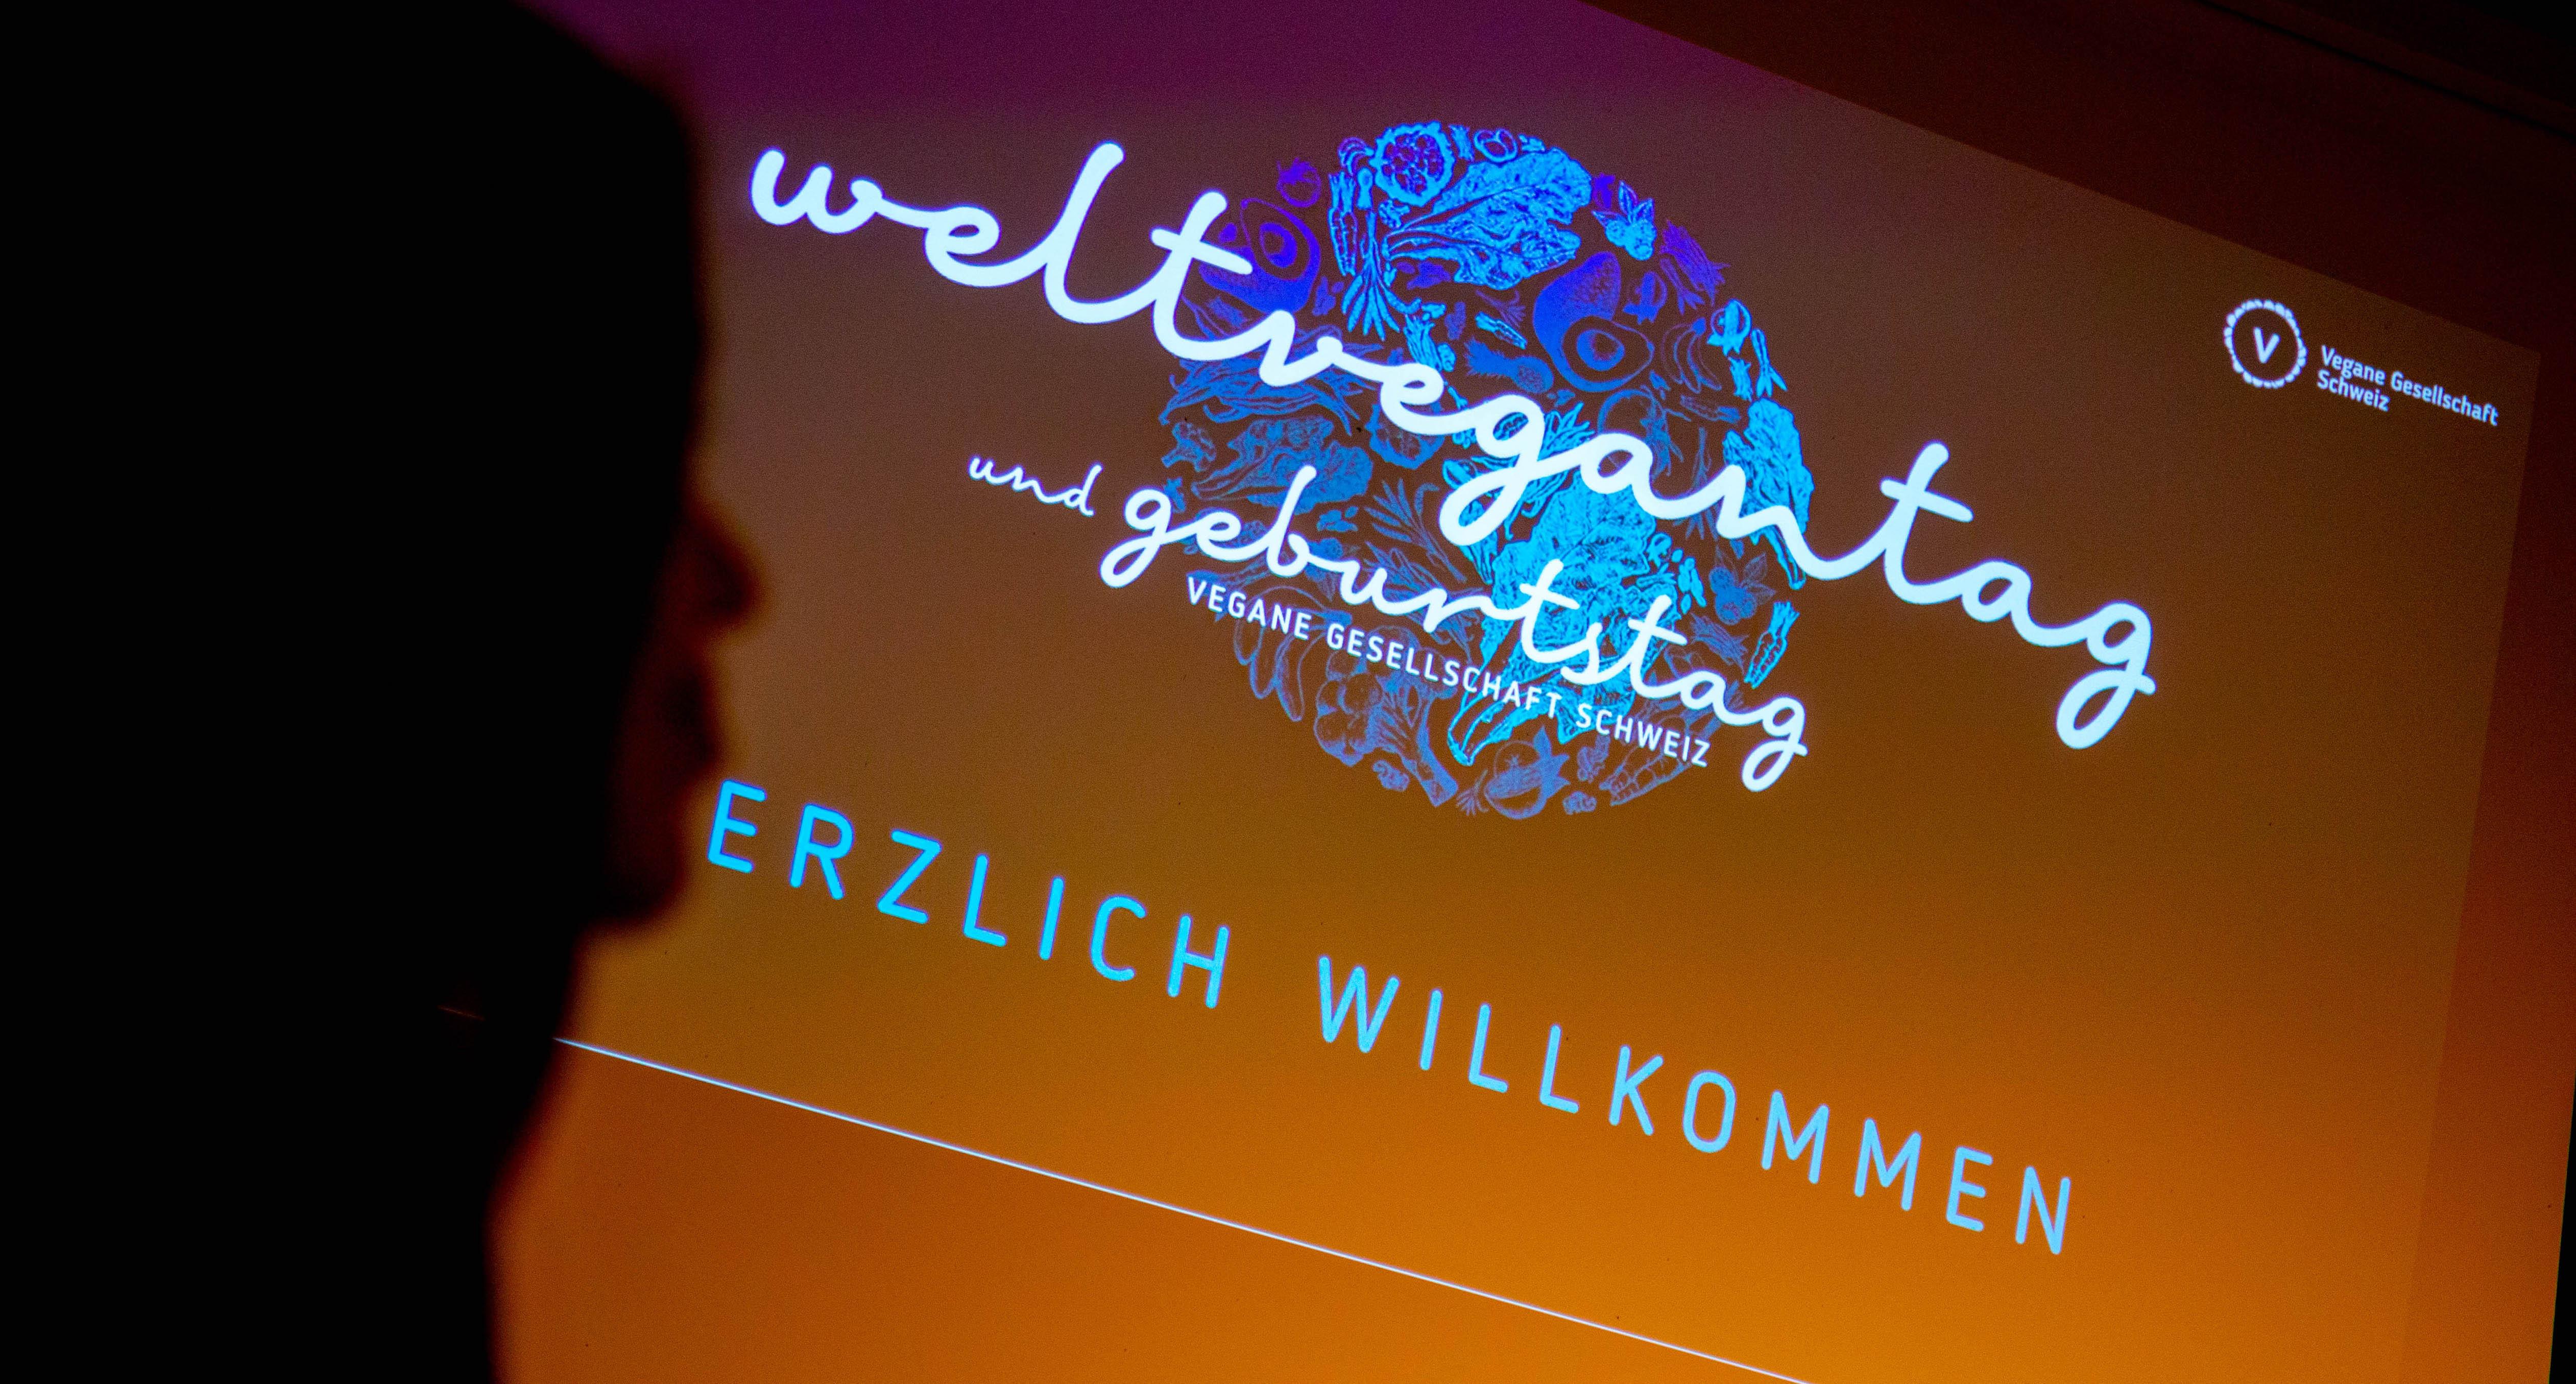 Geburtstag- Weltvgantag Vegane Gesellschaft Schweiz – 1. November Zürich